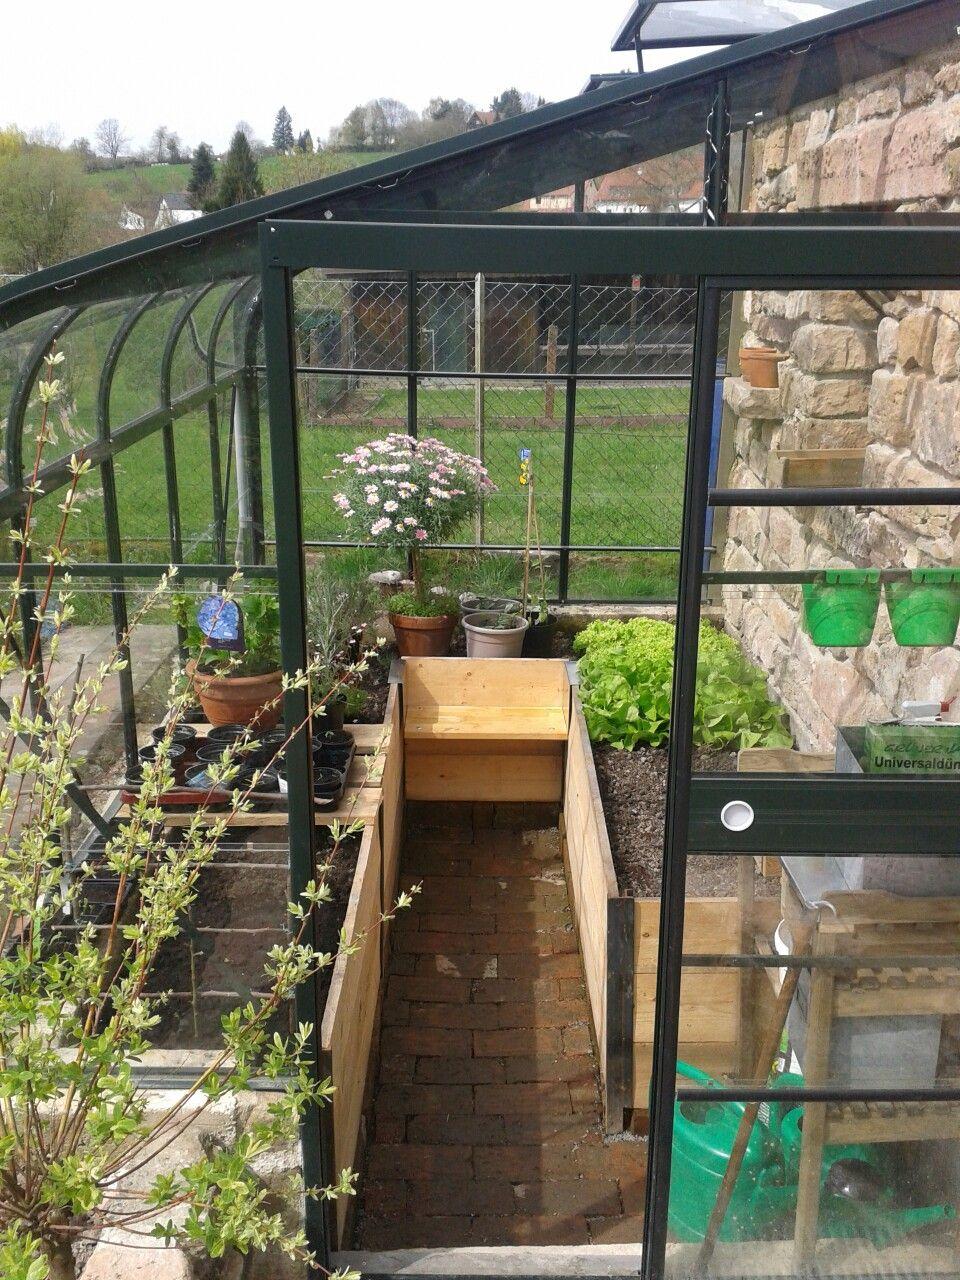 Gewachshaus 4 Gartengestaltung Garten Gewachshaus Gewachshaus